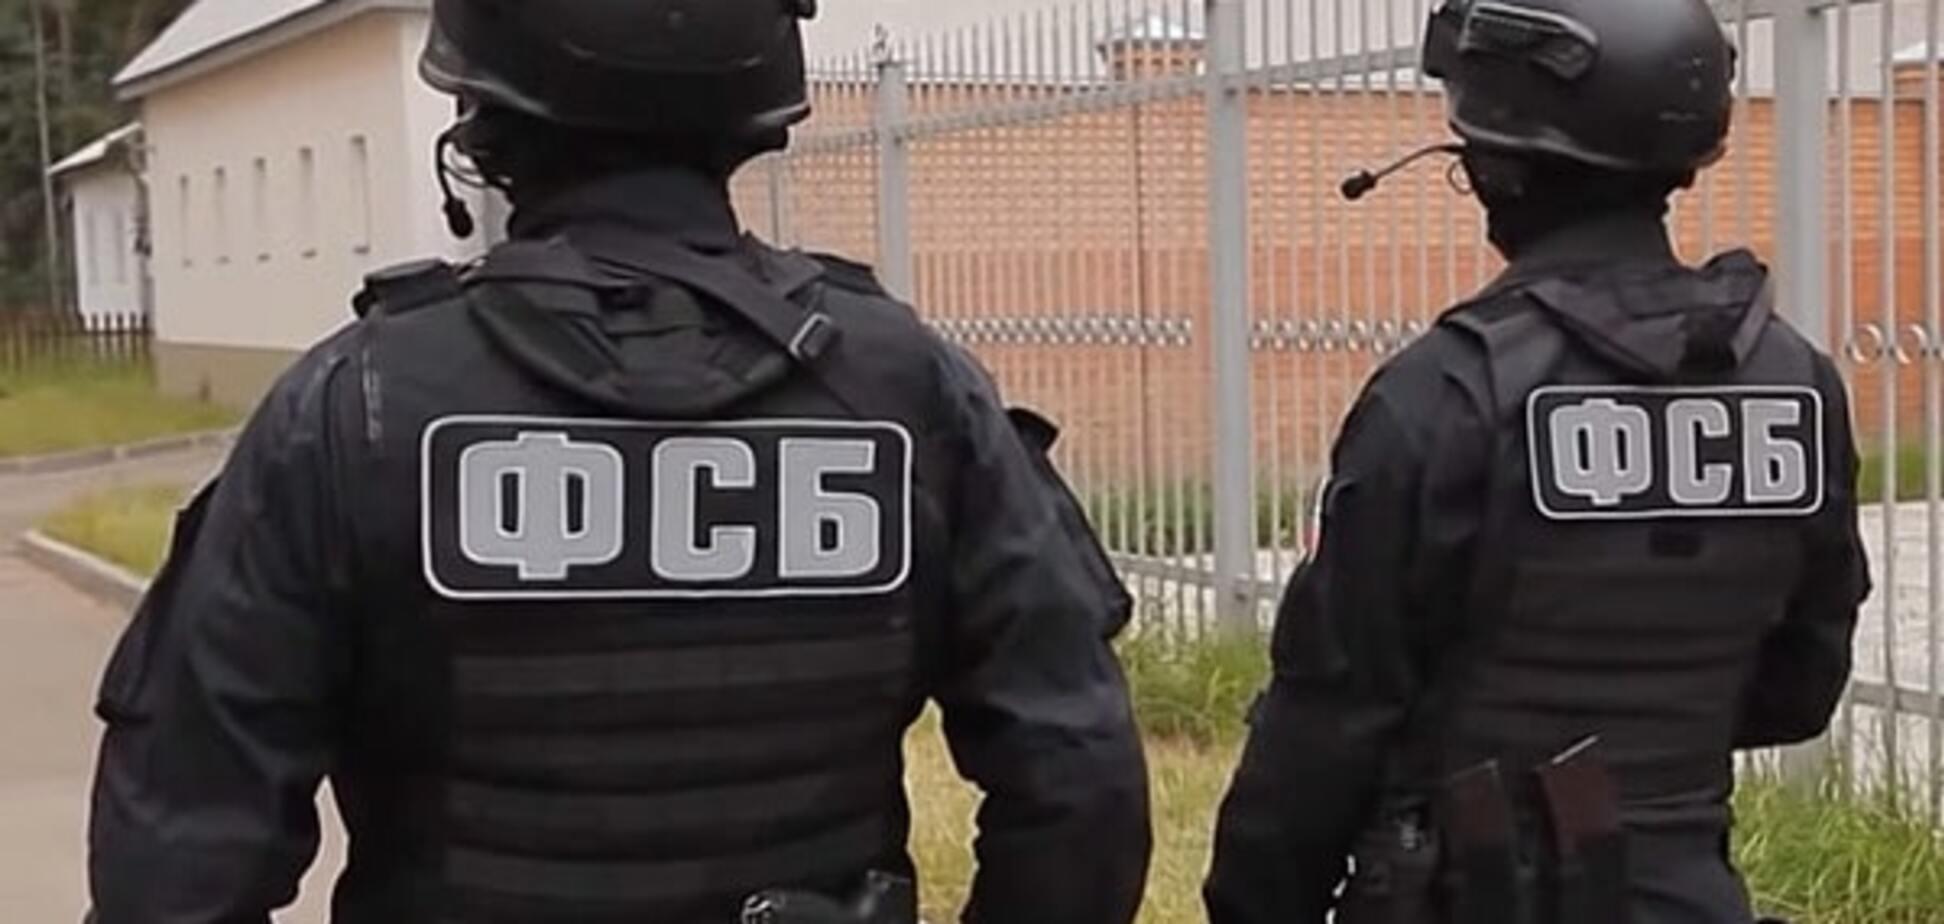 Кримськотатарські 'терористи', яких затримали в Бахчисараї, захопили ФСБ - адвокат